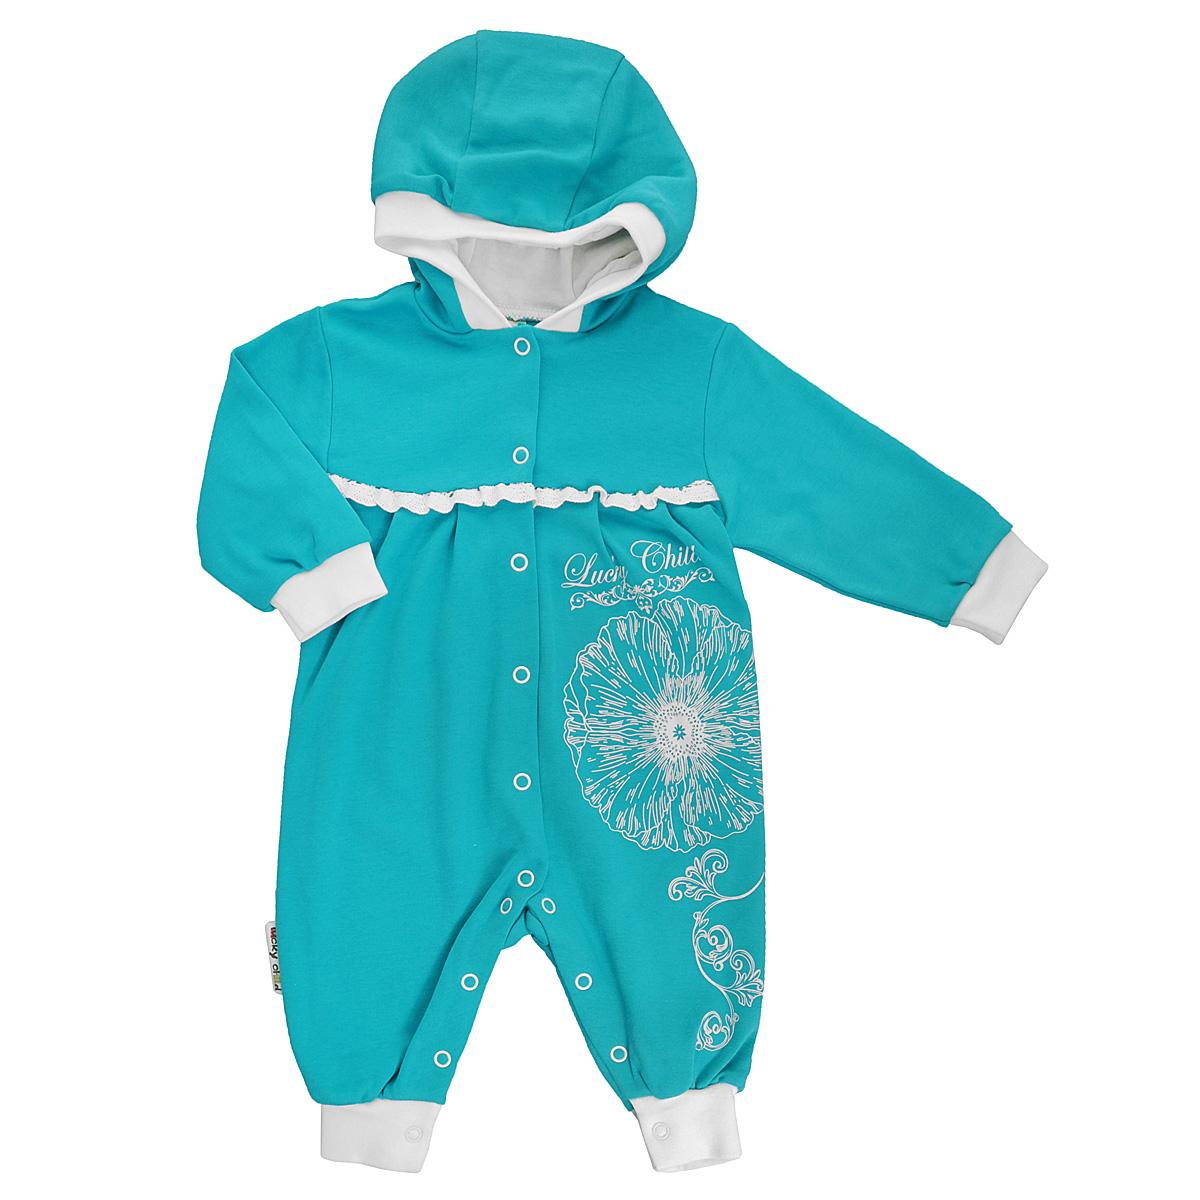 14-3Детский комбинезон для девочки Lucky Child - очень удобный и практичный вид одежды для малышей. Комбинезон выполнен из натурального хлопка, благодаря чему он необычайно мягкий и приятный на ощупь, не раздражает нежную кожу ребенка и хорошо вентилируется, а эластичные швы приятны телу малышки и не препятствуют ее движениям. Комбинезон с капюшоном, длинными рукавами и открытыми ножками имеет застежки-кнопки от горловины и по всей длине, которые помогают легко переодеть младенца или сменить подгузник. Низ рукавов и низ штанин дополнены широкими трикотажными манжетами. На груди модель украшена ажурными рюшами. Оформлена модель оригинальны принтом в виде цветка, узоров и принтовой надписью с названием бренда. С детским комбинезоном Lucky Child спинка и ножки вашей малышки всегда будут в тепле, он идеален для использования днем и незаменим ночью. Комбинезон полностью соответствует особенностям жизни младенца в ранний период, не стесняя и не ограничивая его в движениях!